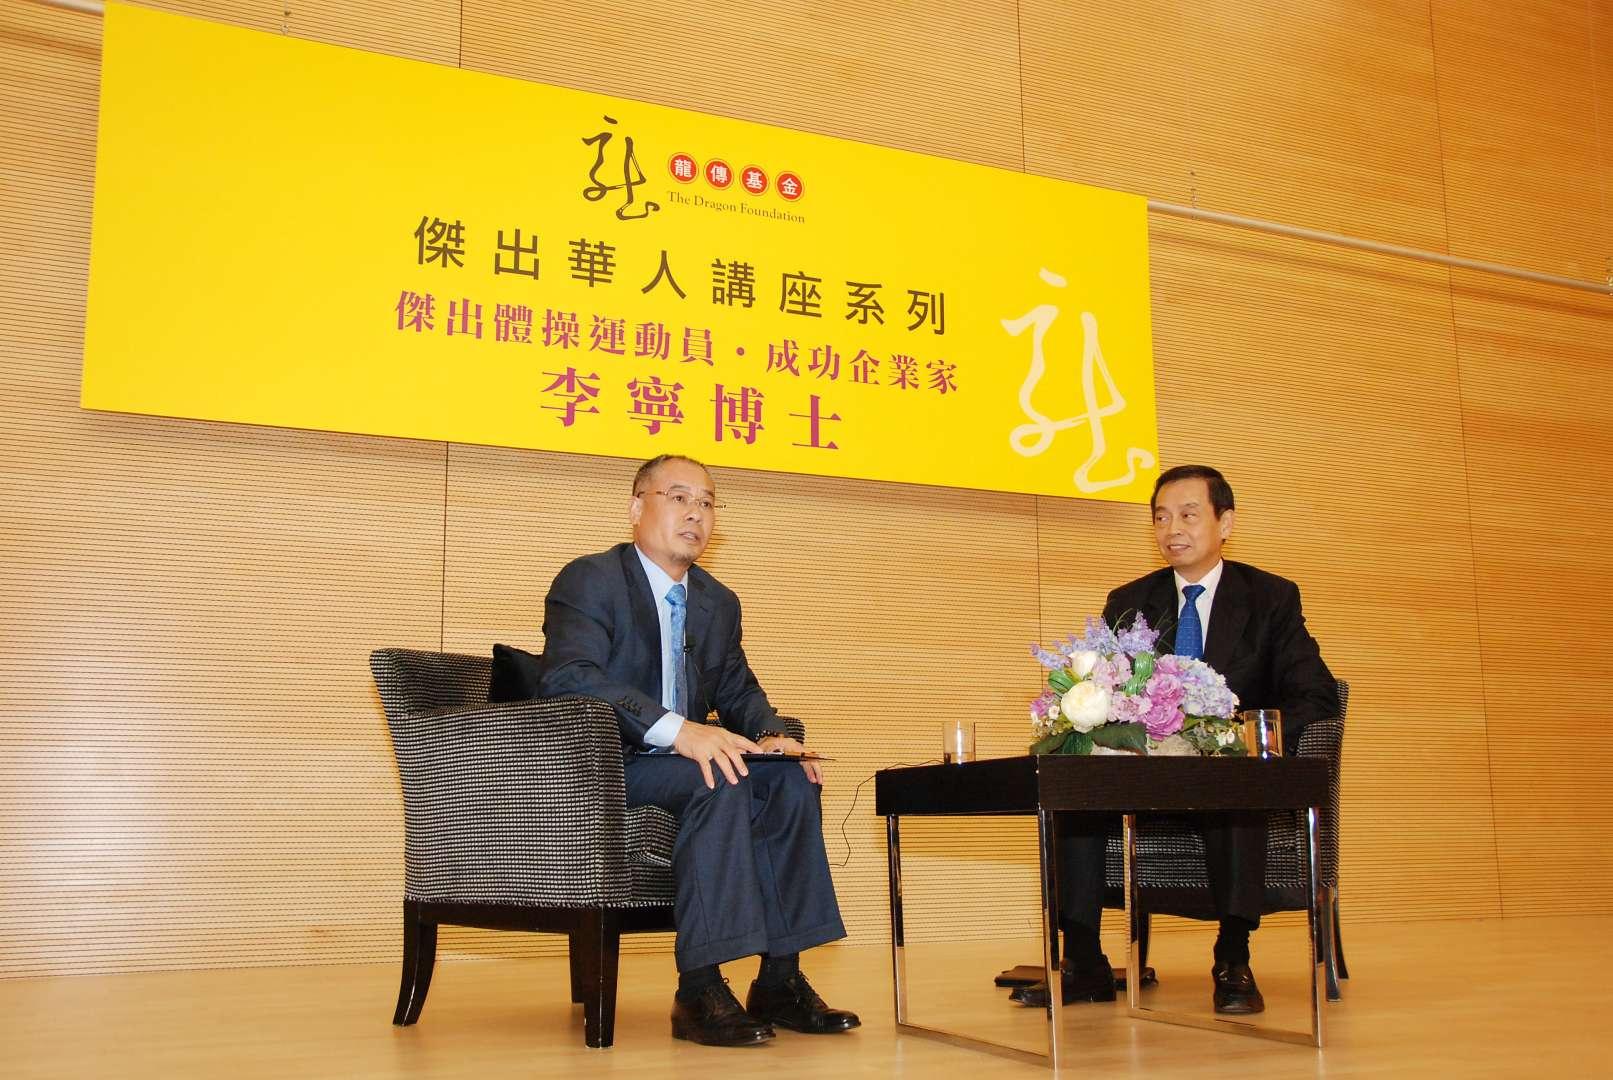 2010 LI Ling